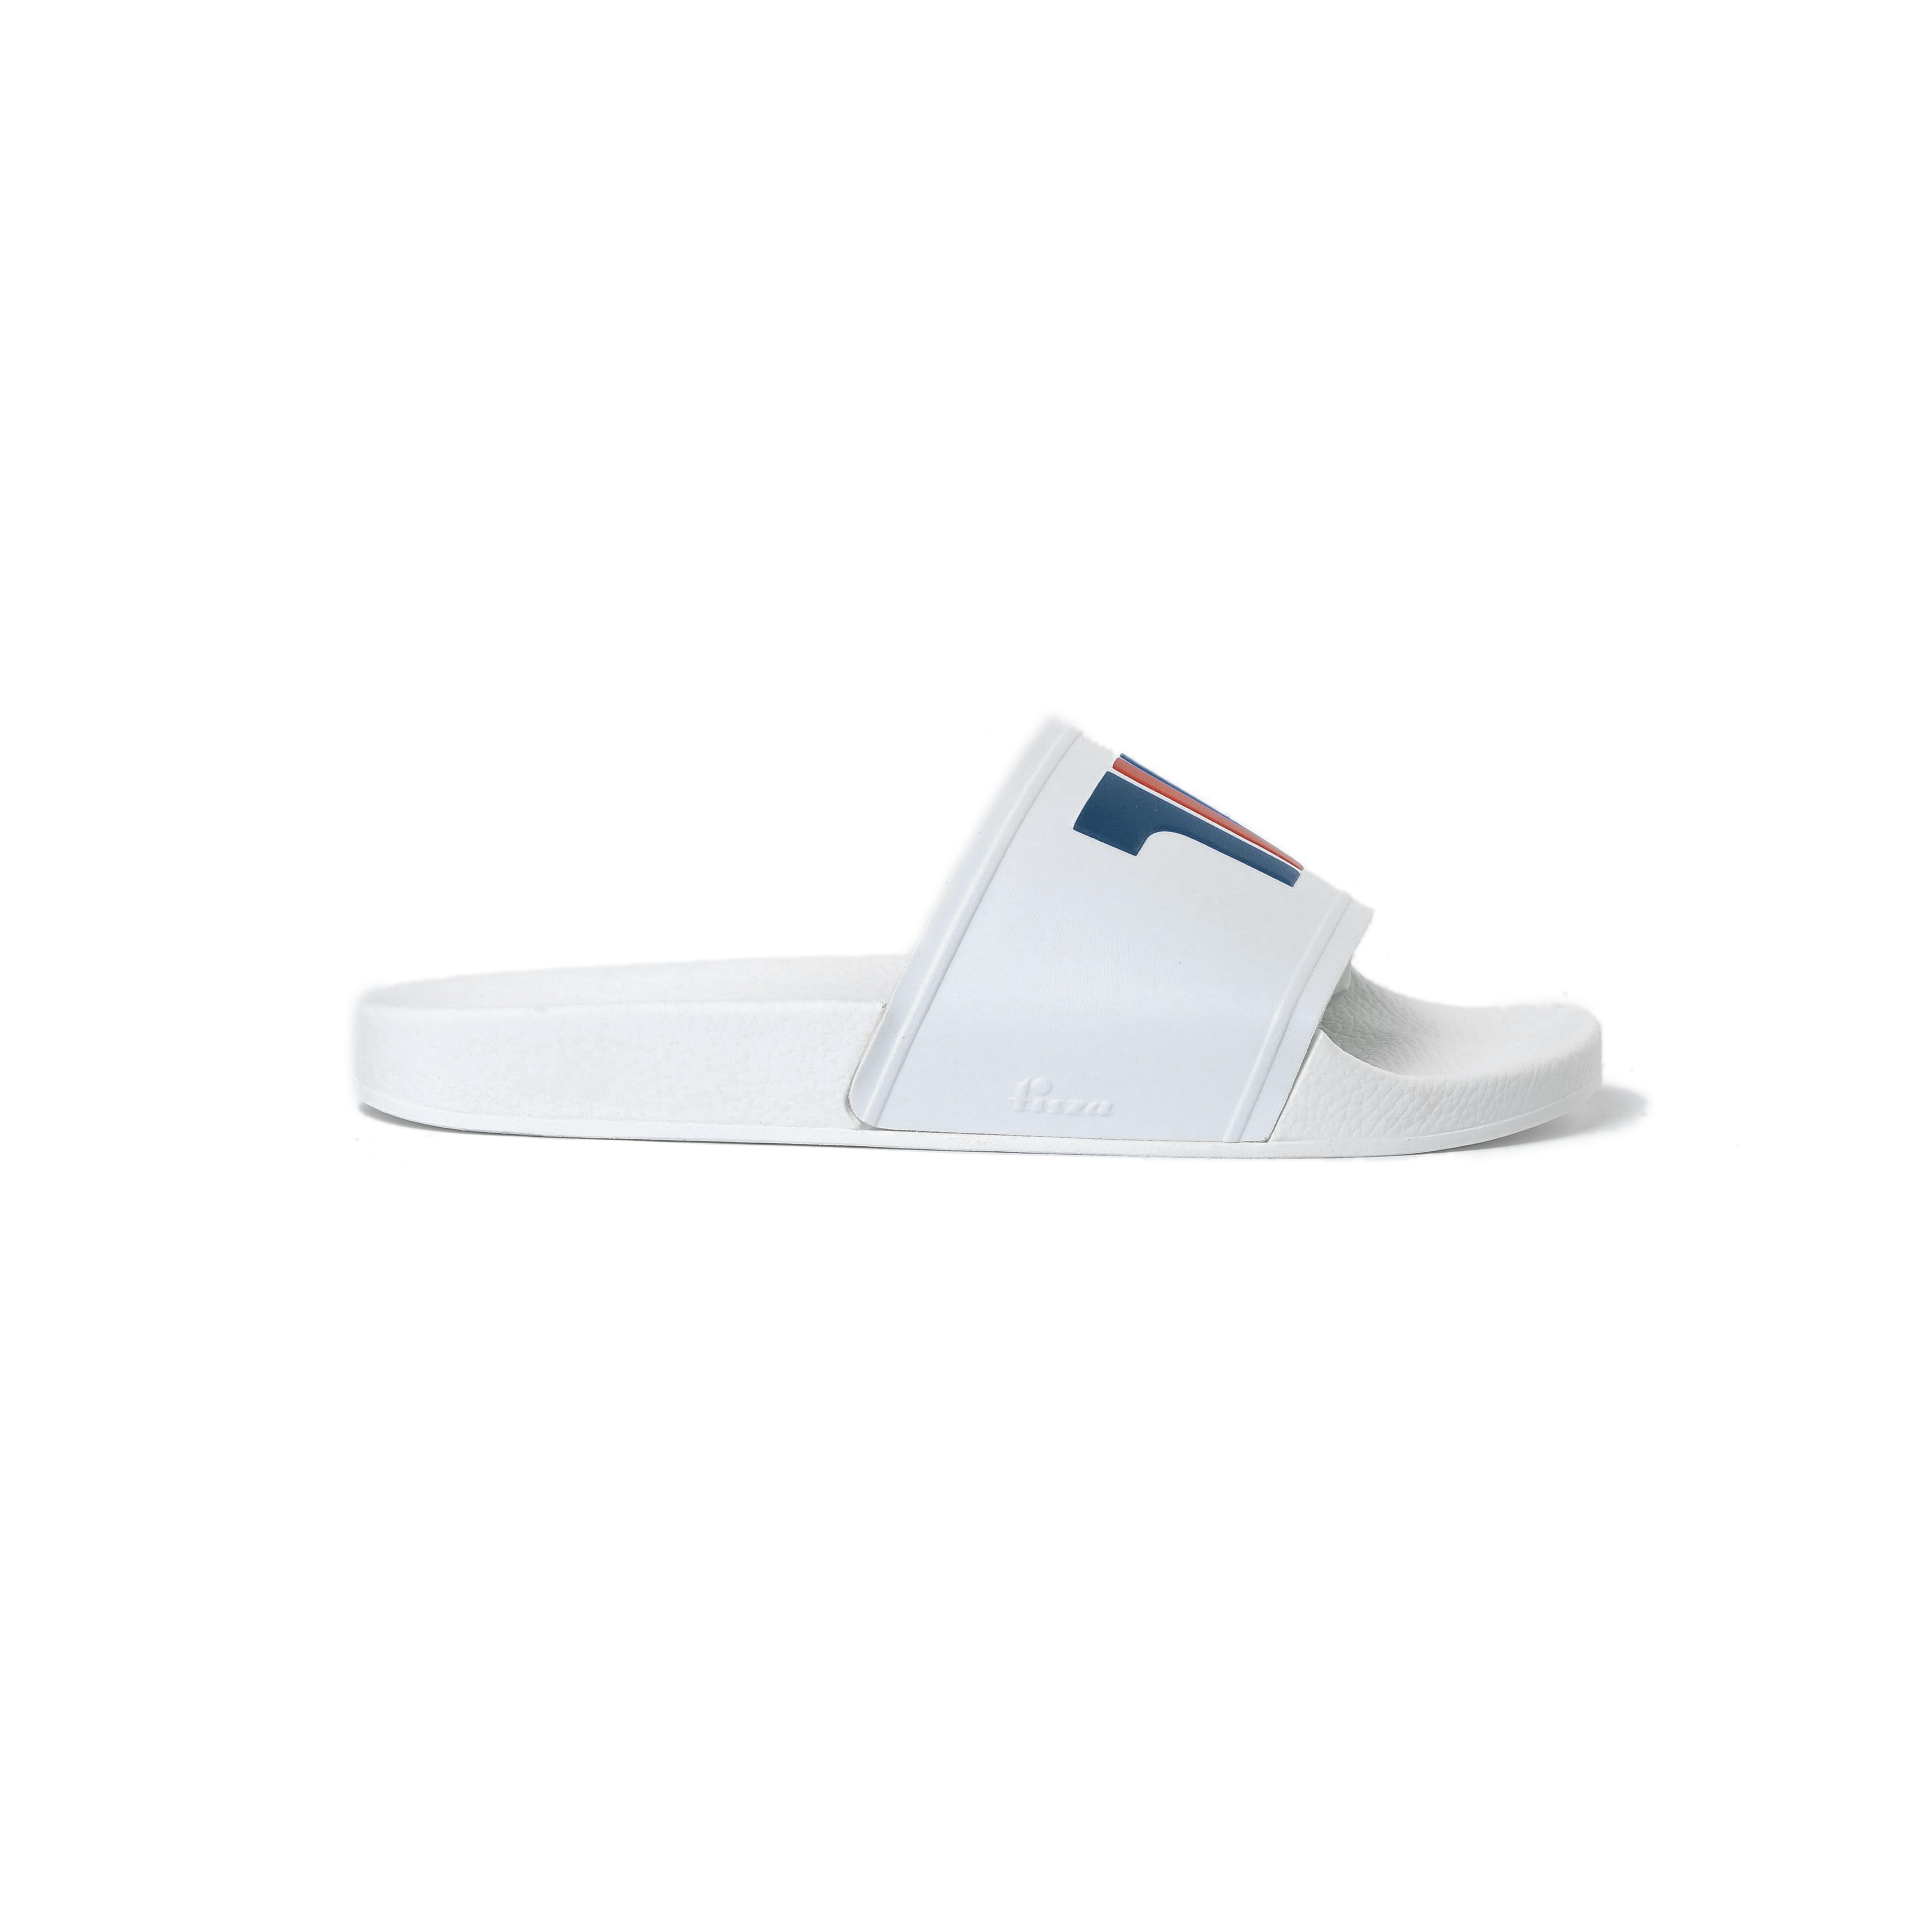 Tisza cipő - Papucs - Fehér-klasszik